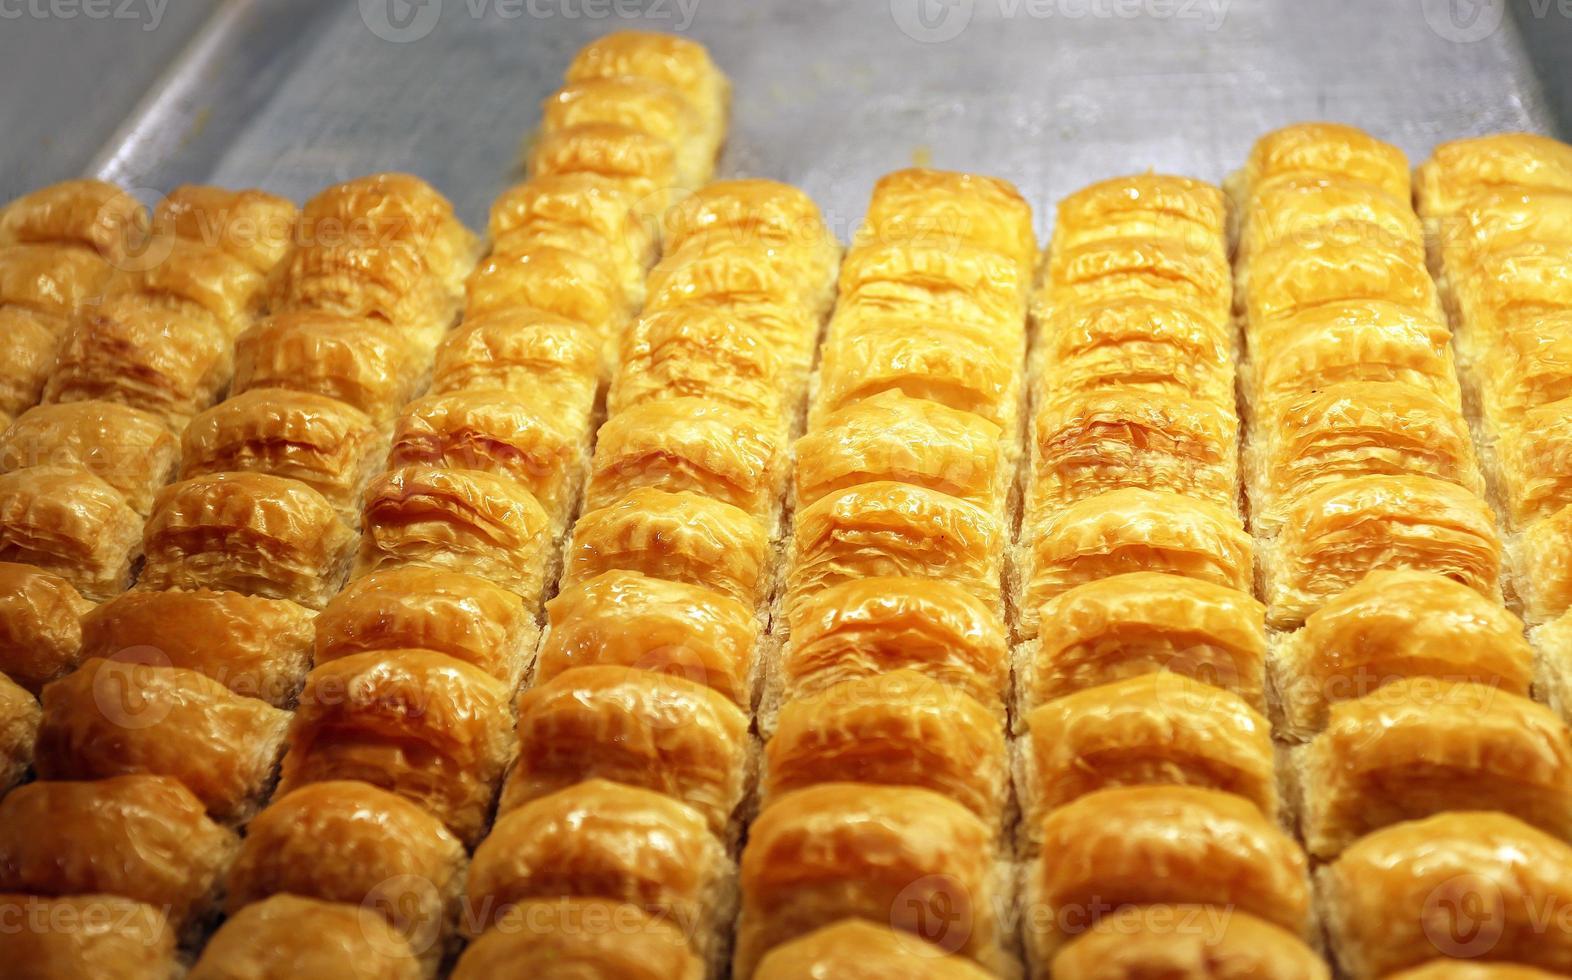 sabrosos dulces orientales baklava foto